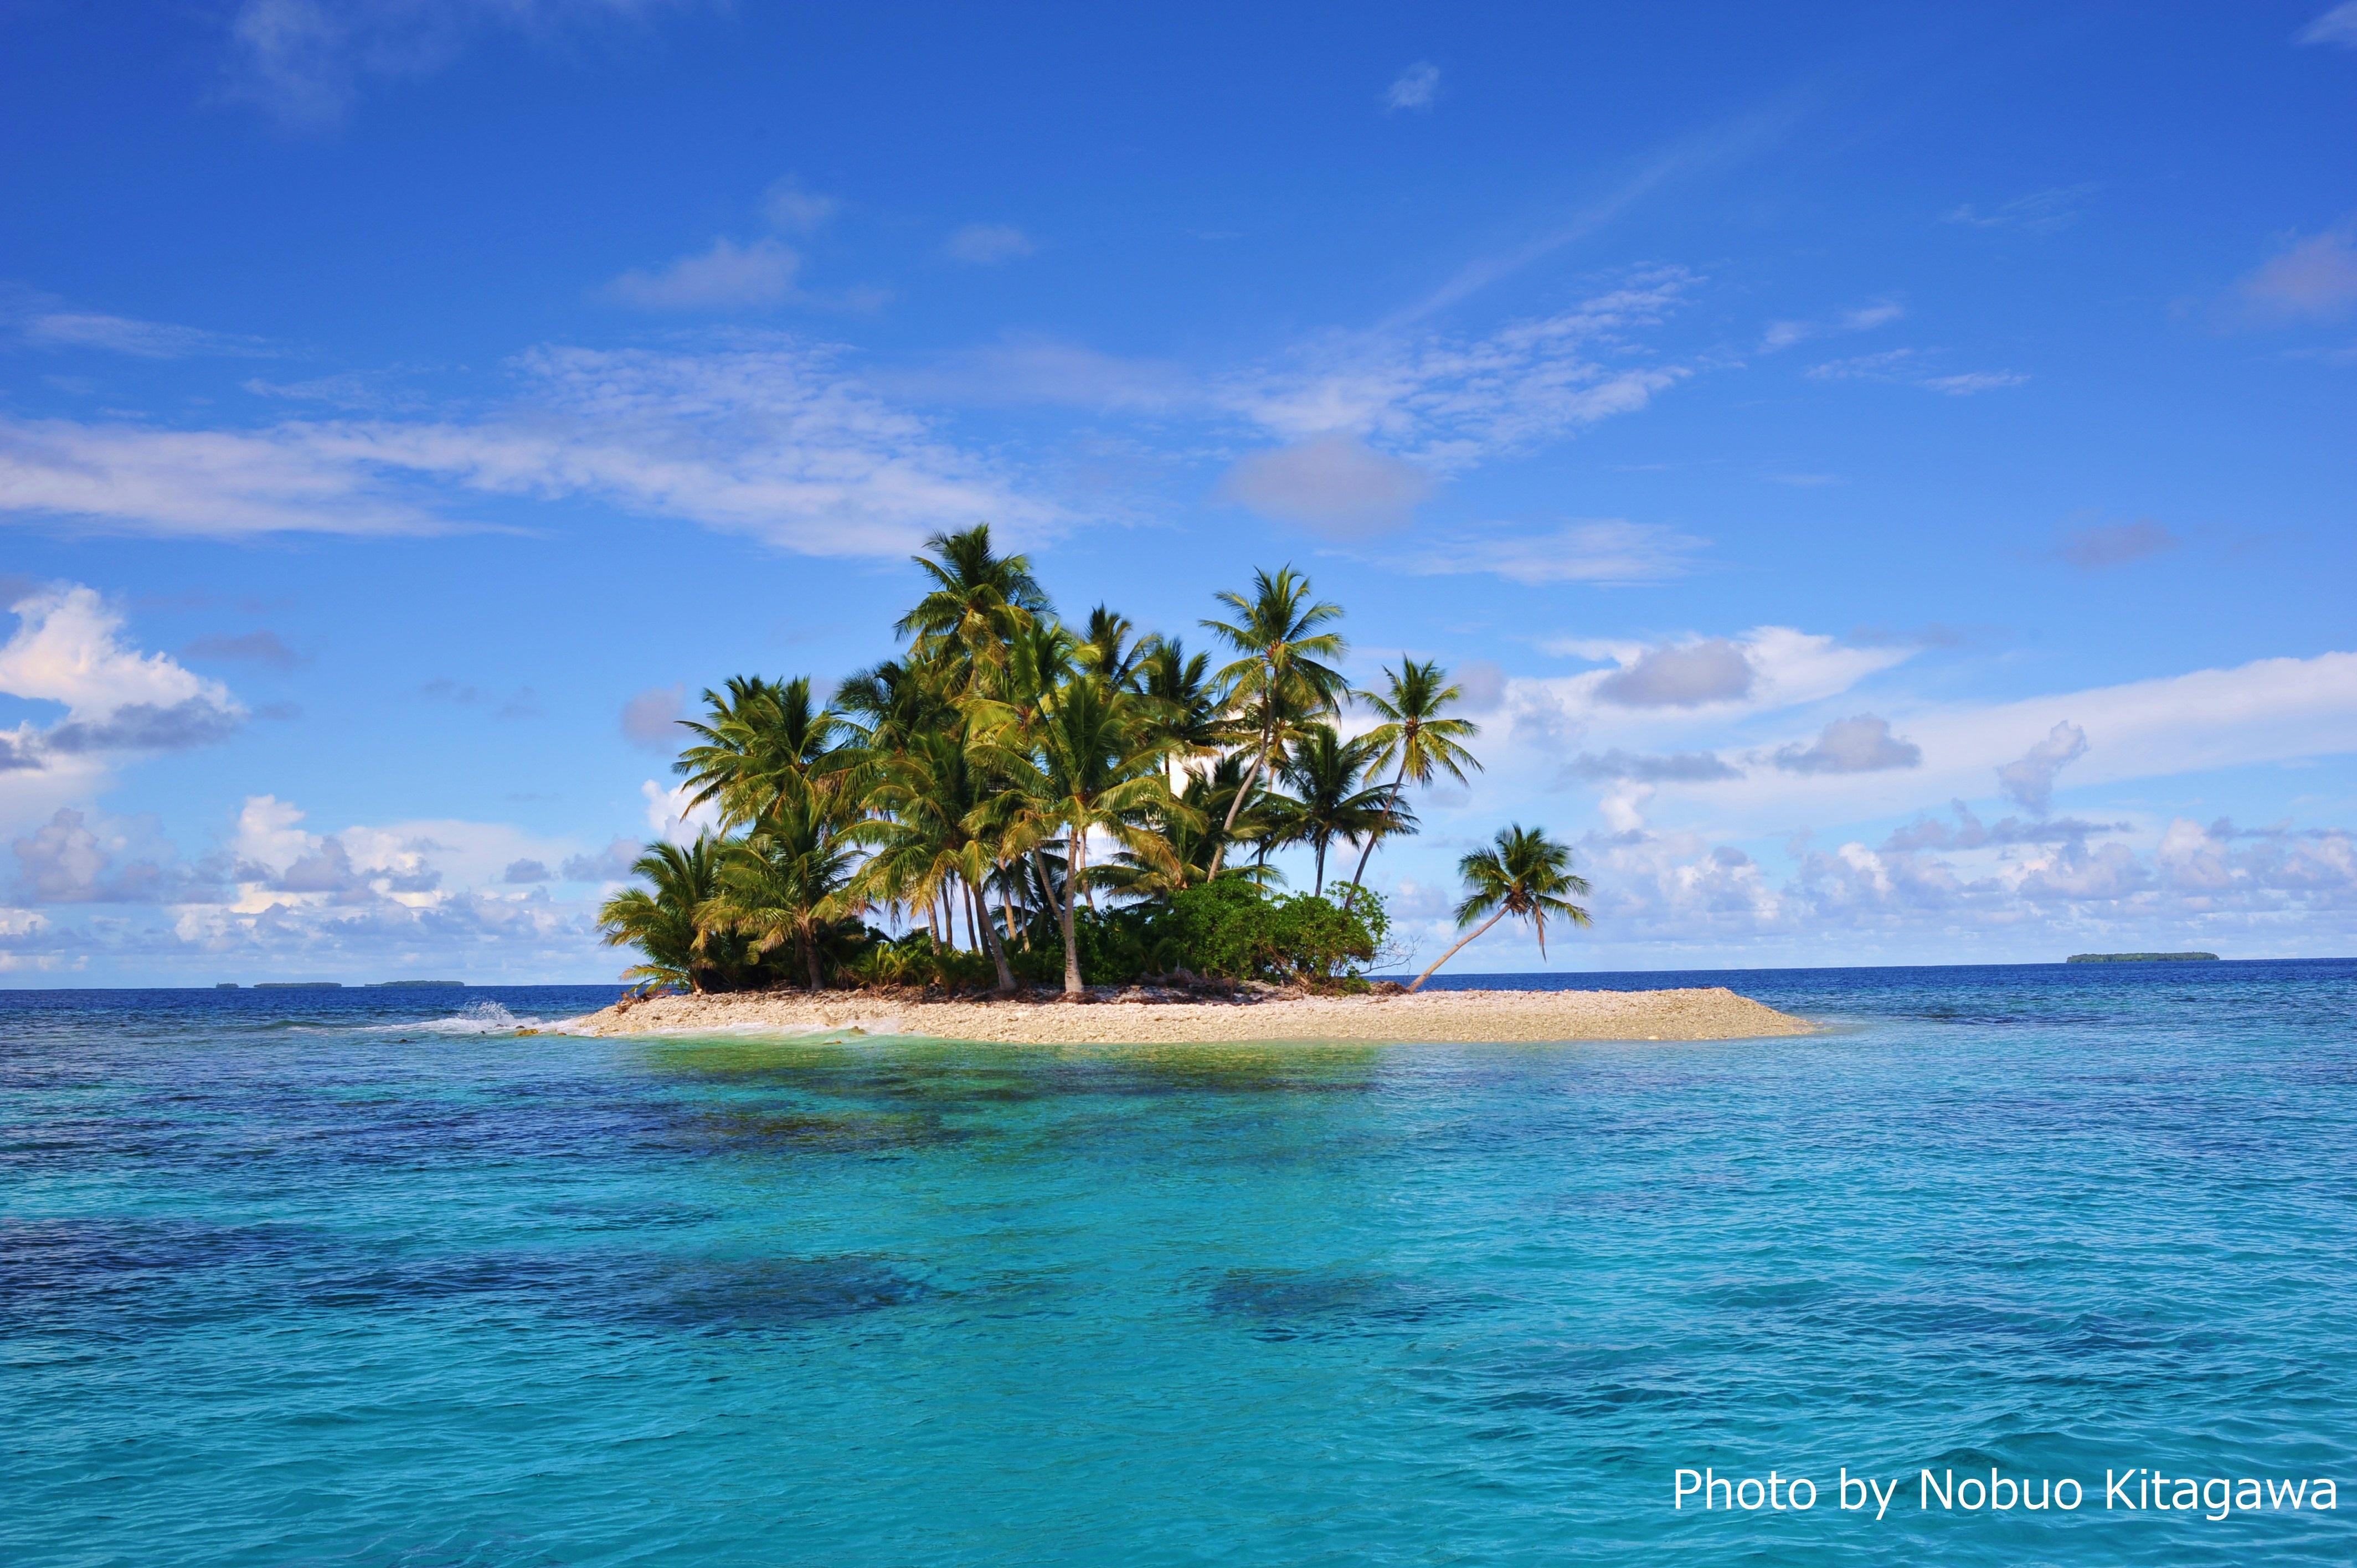 これぞ南の島! 「シャークアイランド」もチュークに属する。名前通り、周りにはサメがいっぱい。